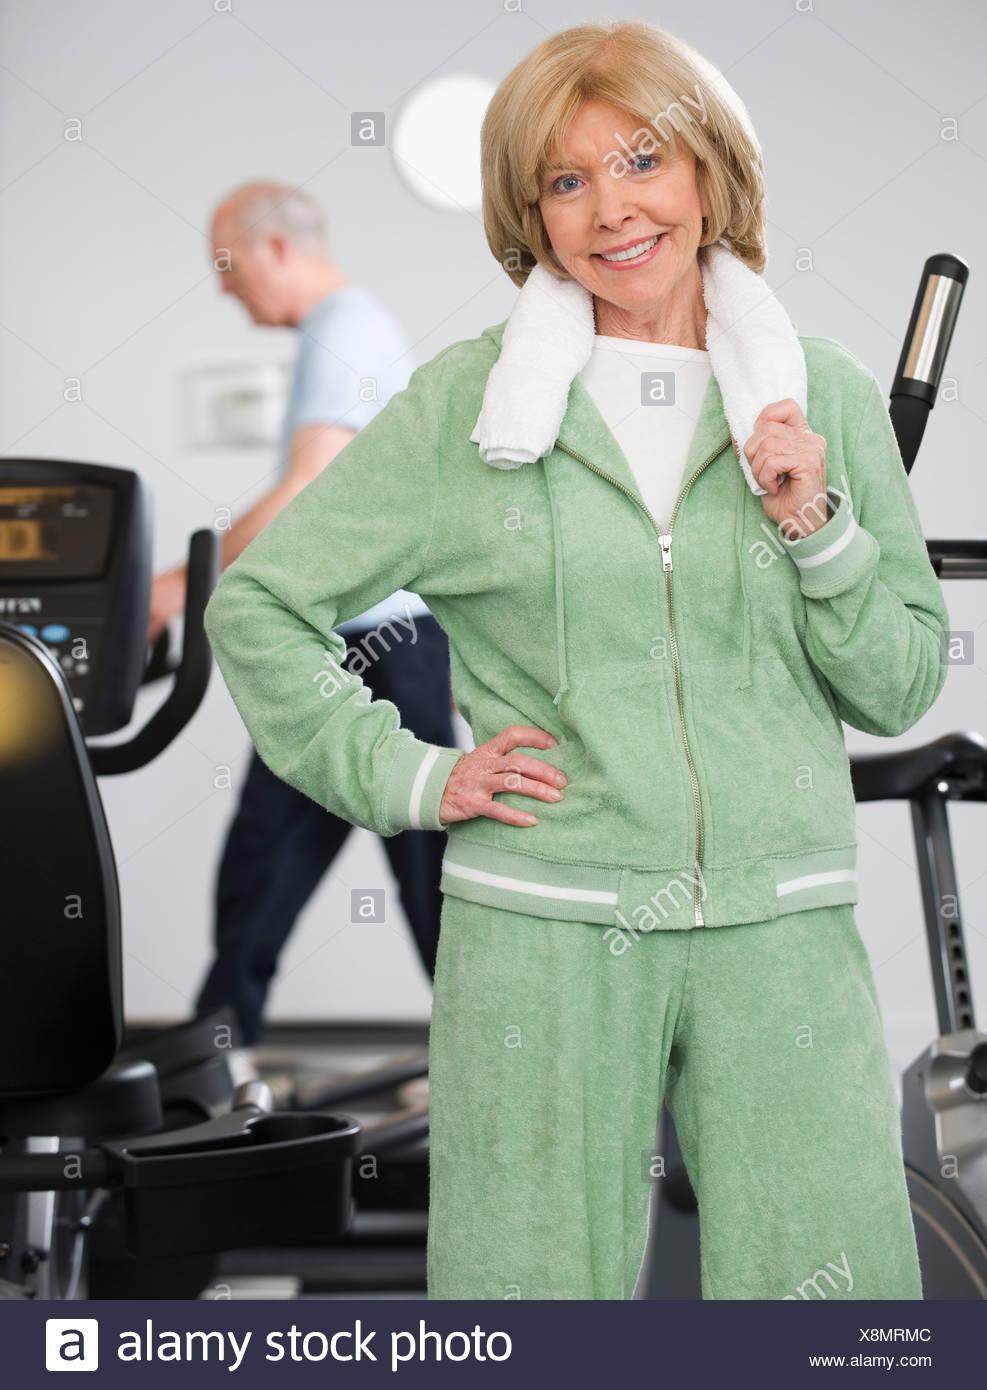 Senior woman à côté de machines d'exercice Photo Stock